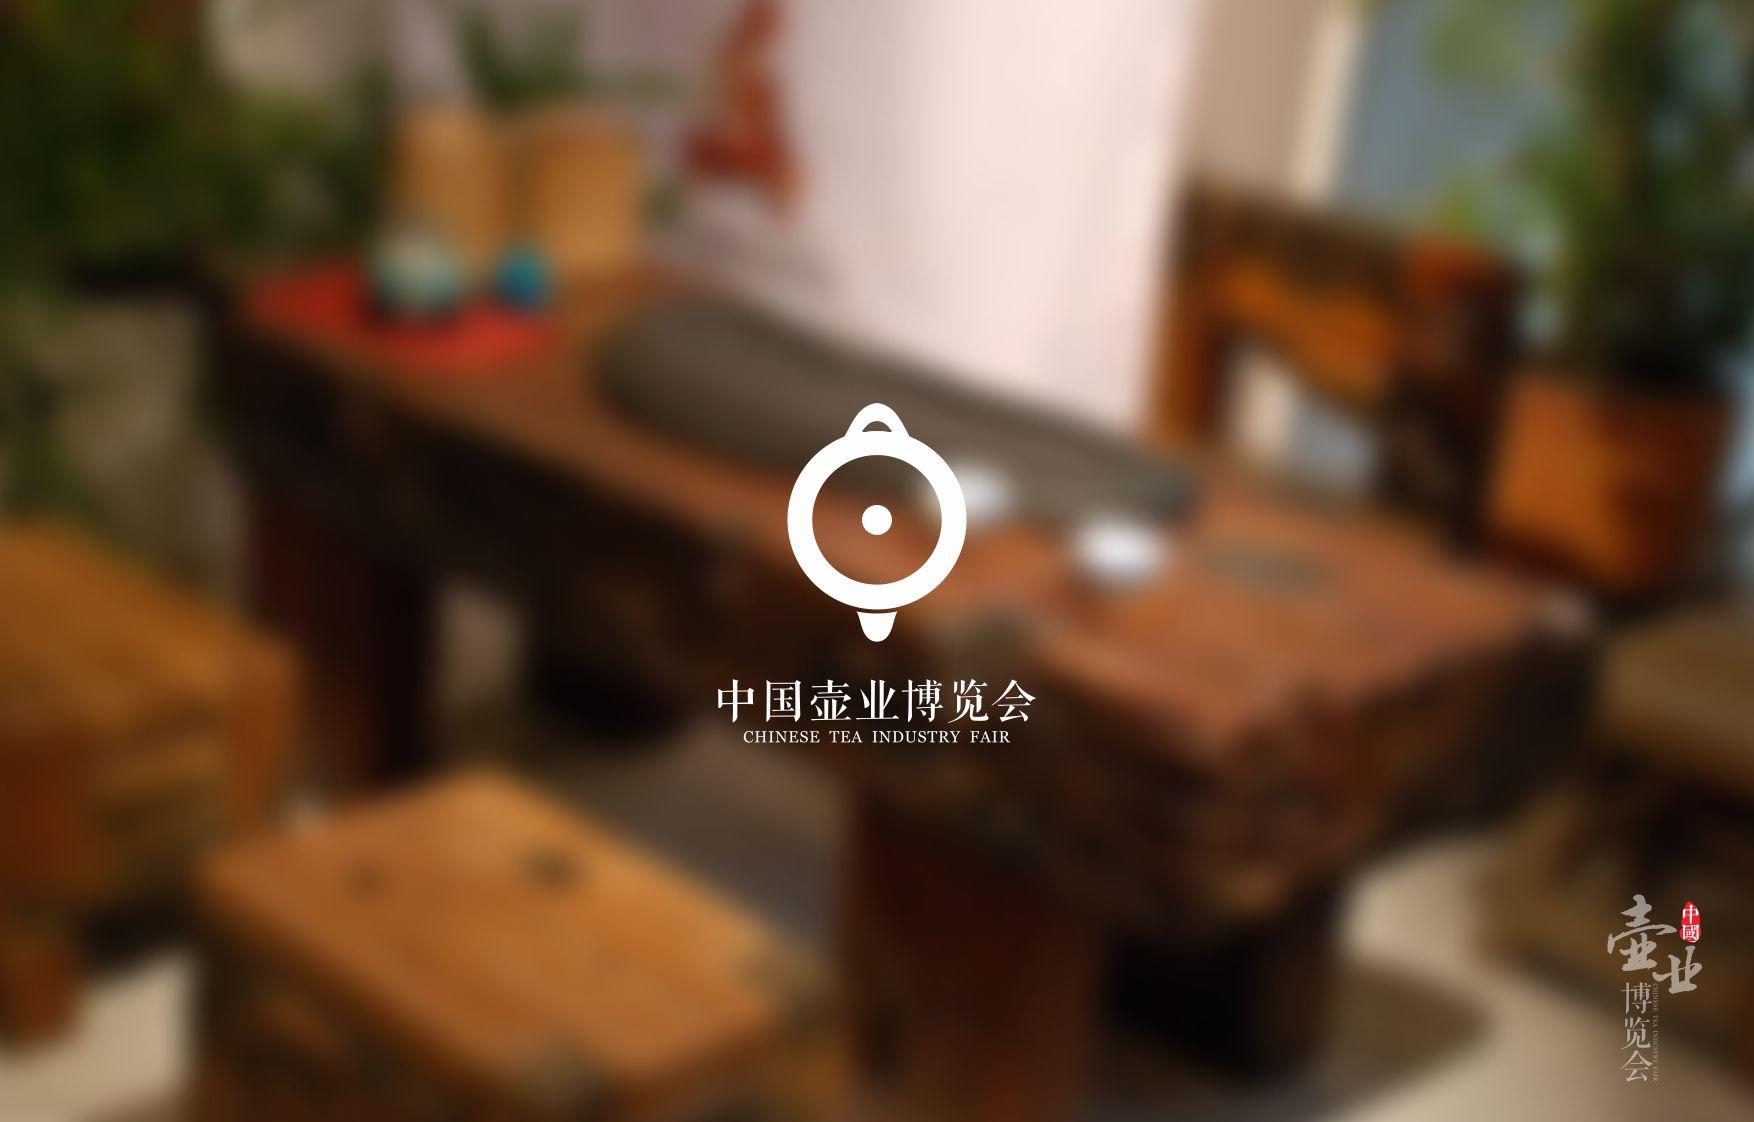 中国壶业博览会LOGOVI设计-12